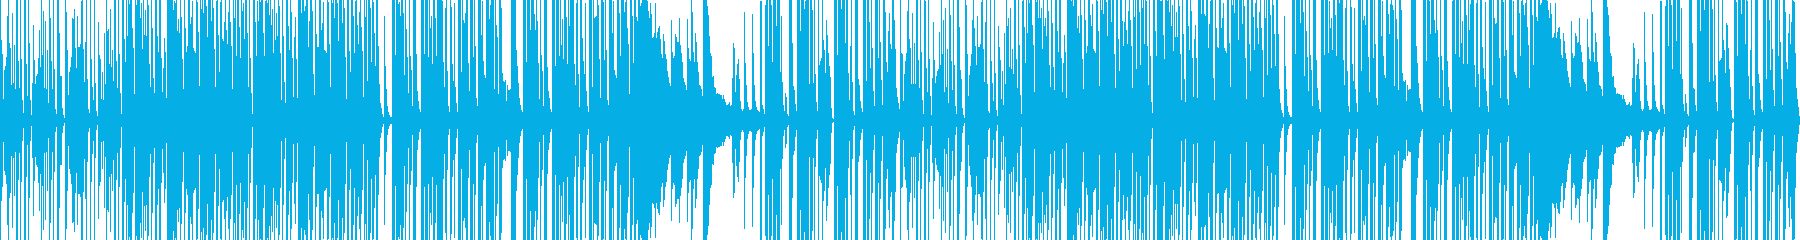 動画向けほのぼの/かわいい/少しマヌケなの再生済みの波形